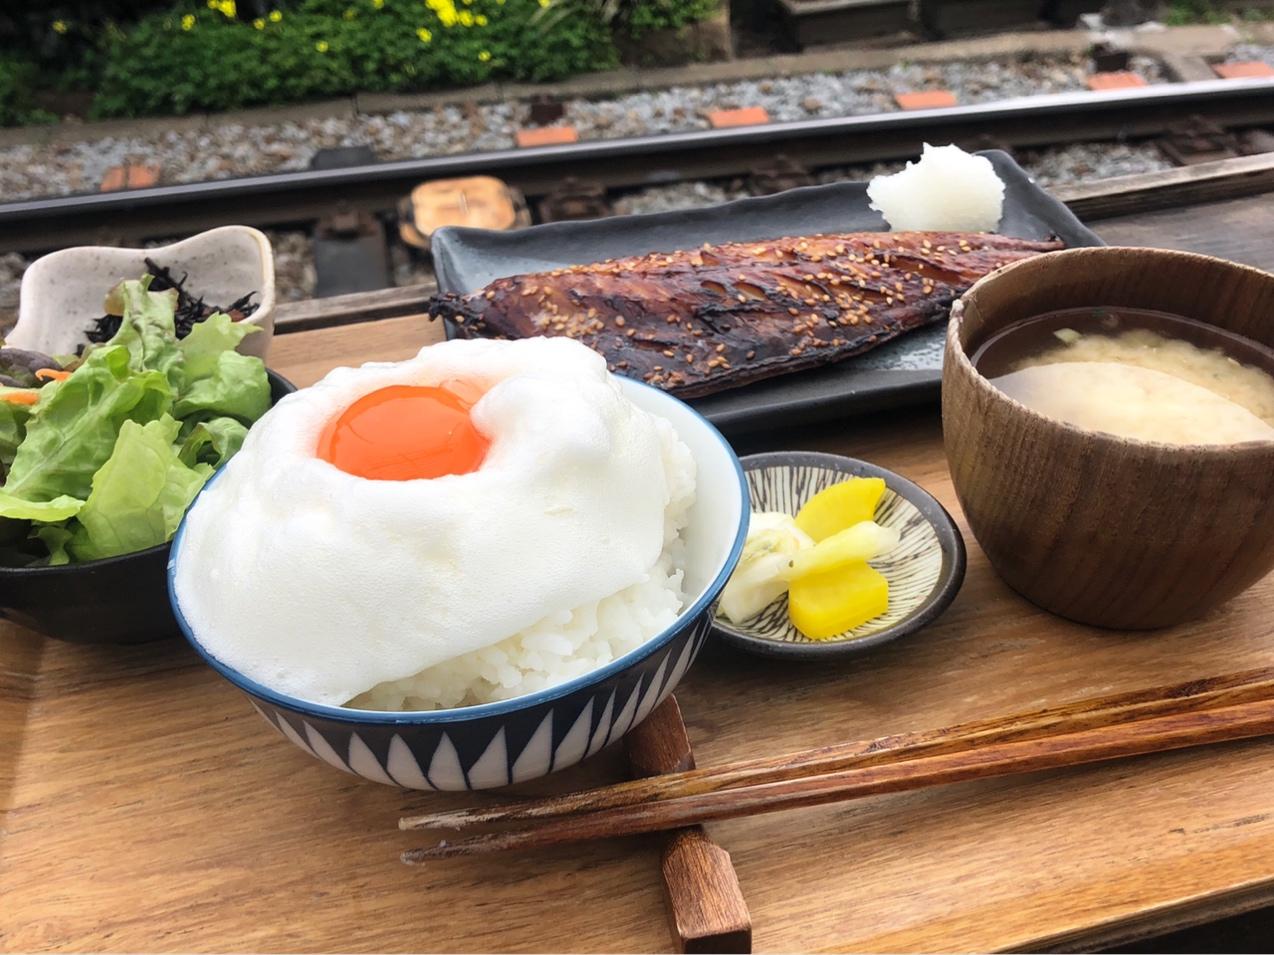 【鎌倉ランチ】江ノ電を目の前にいただく『ヨリドコロ』の干物定食_5